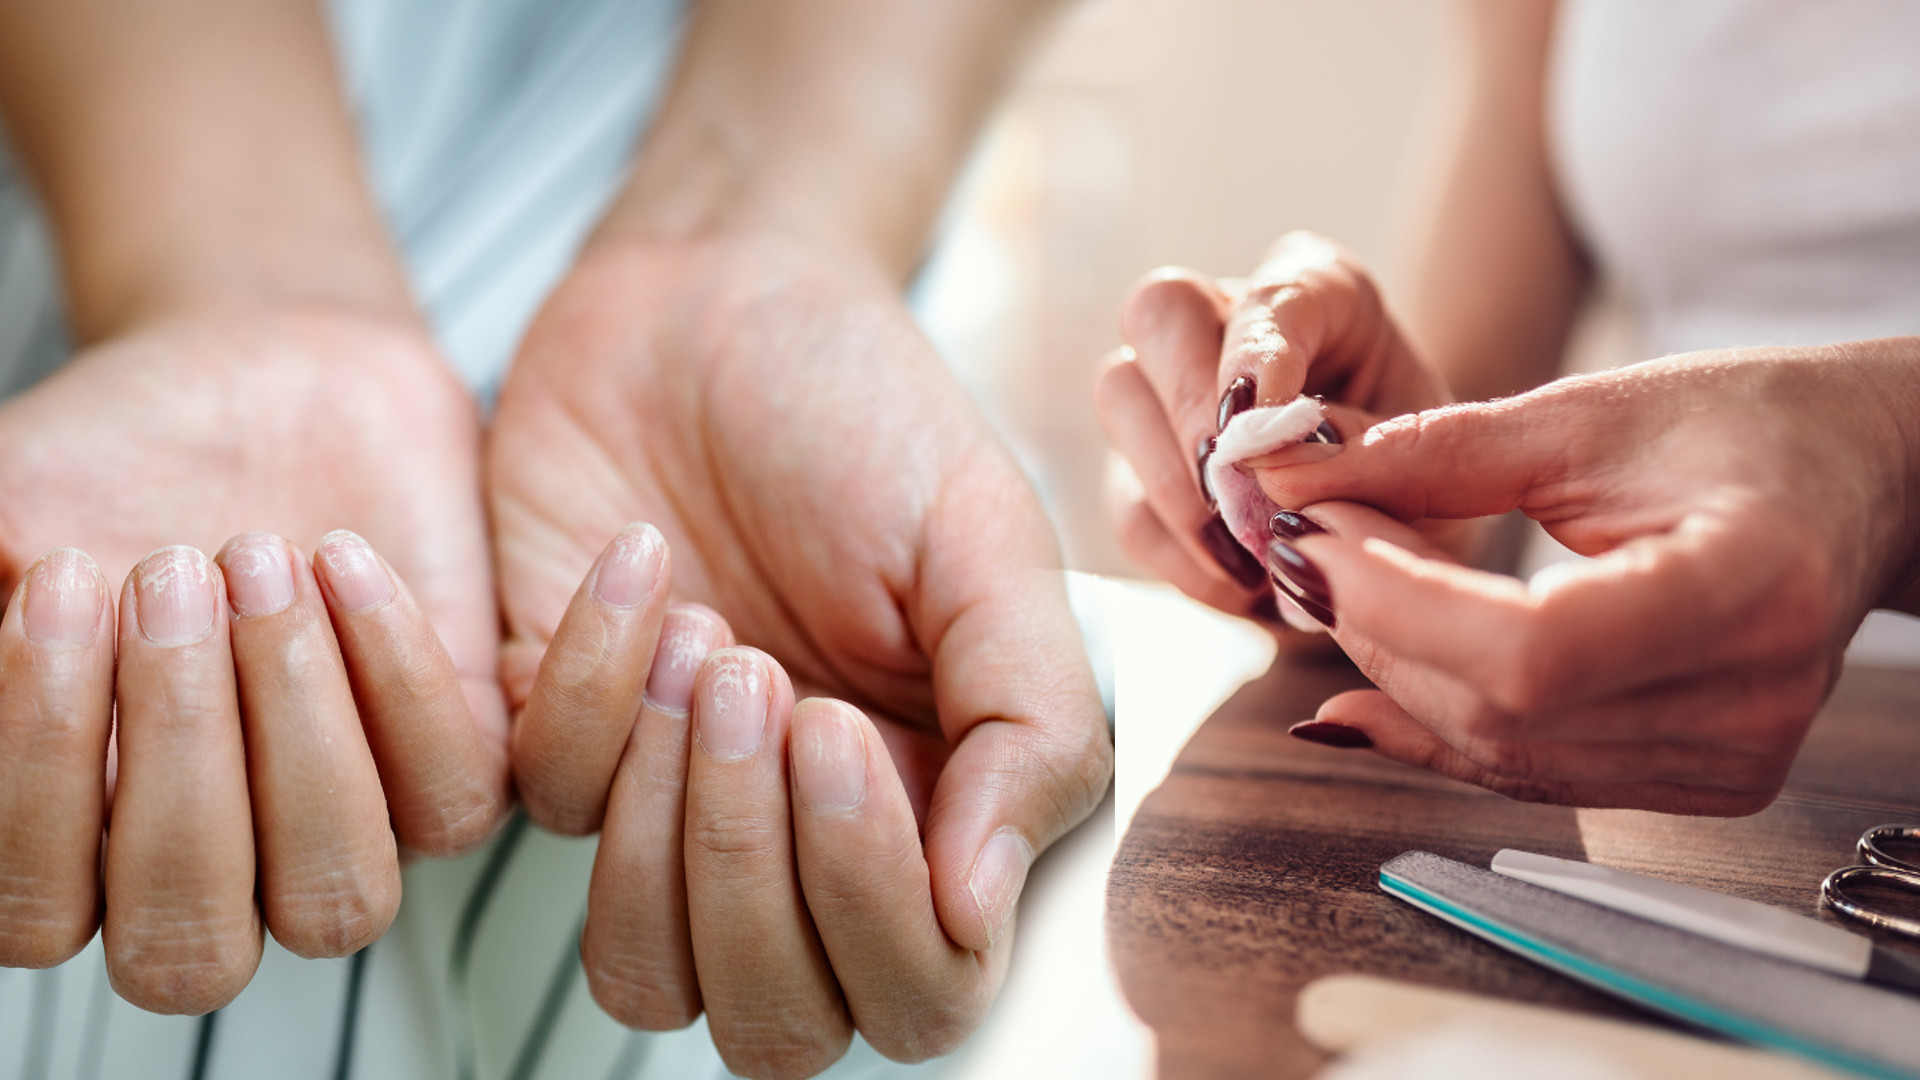 Odrost na paznokciach przeraża – jak usunąć hybrydę, czy żel w domowych warunkach? (PIELĘGNACYJNE ŚRODY)